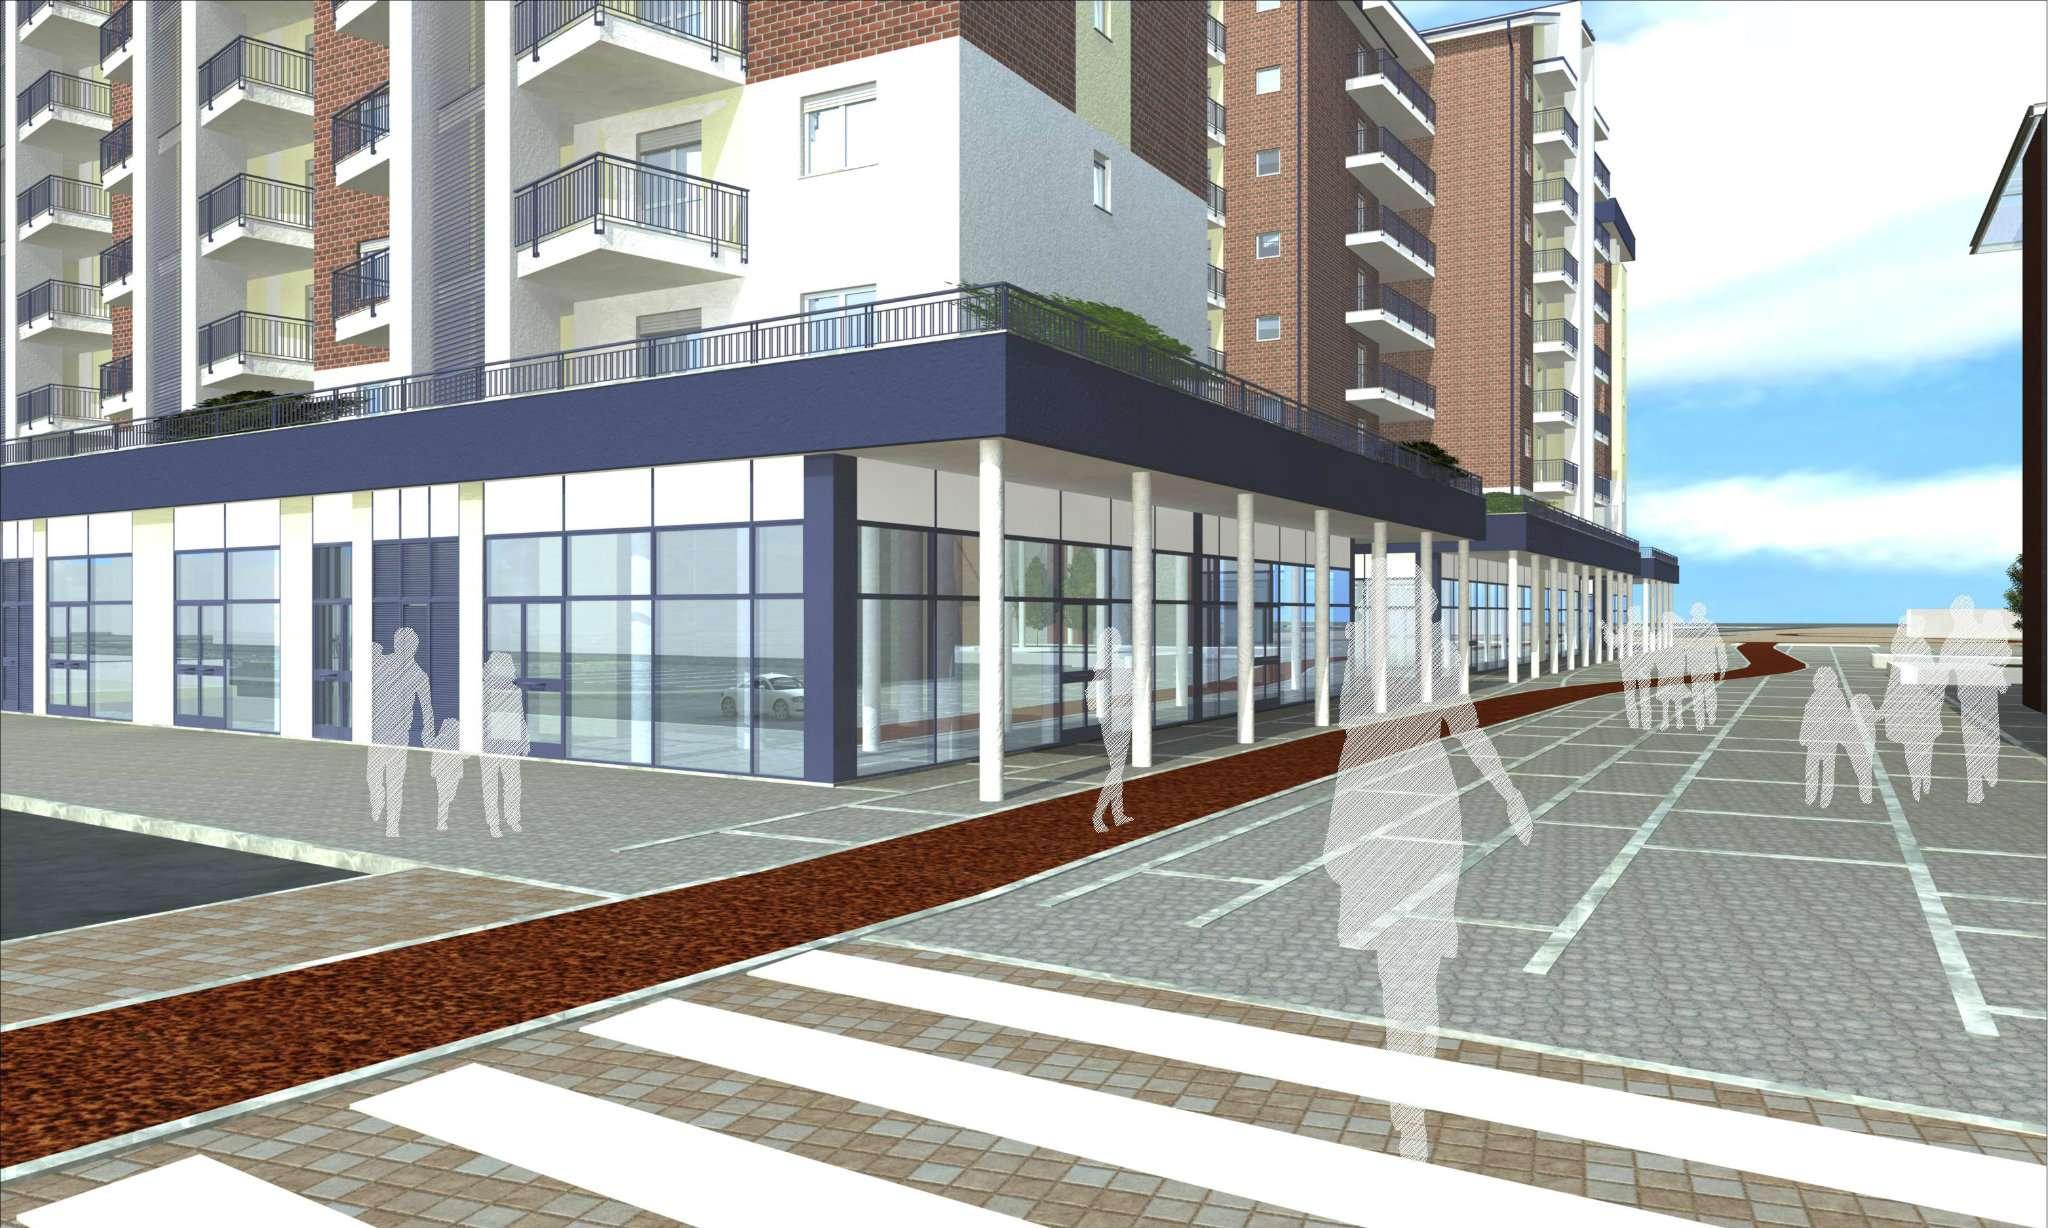 Negozio / Locale in vendita a Collegno, 1 locali, prezzo € 250.000 | Cambio Casa.it